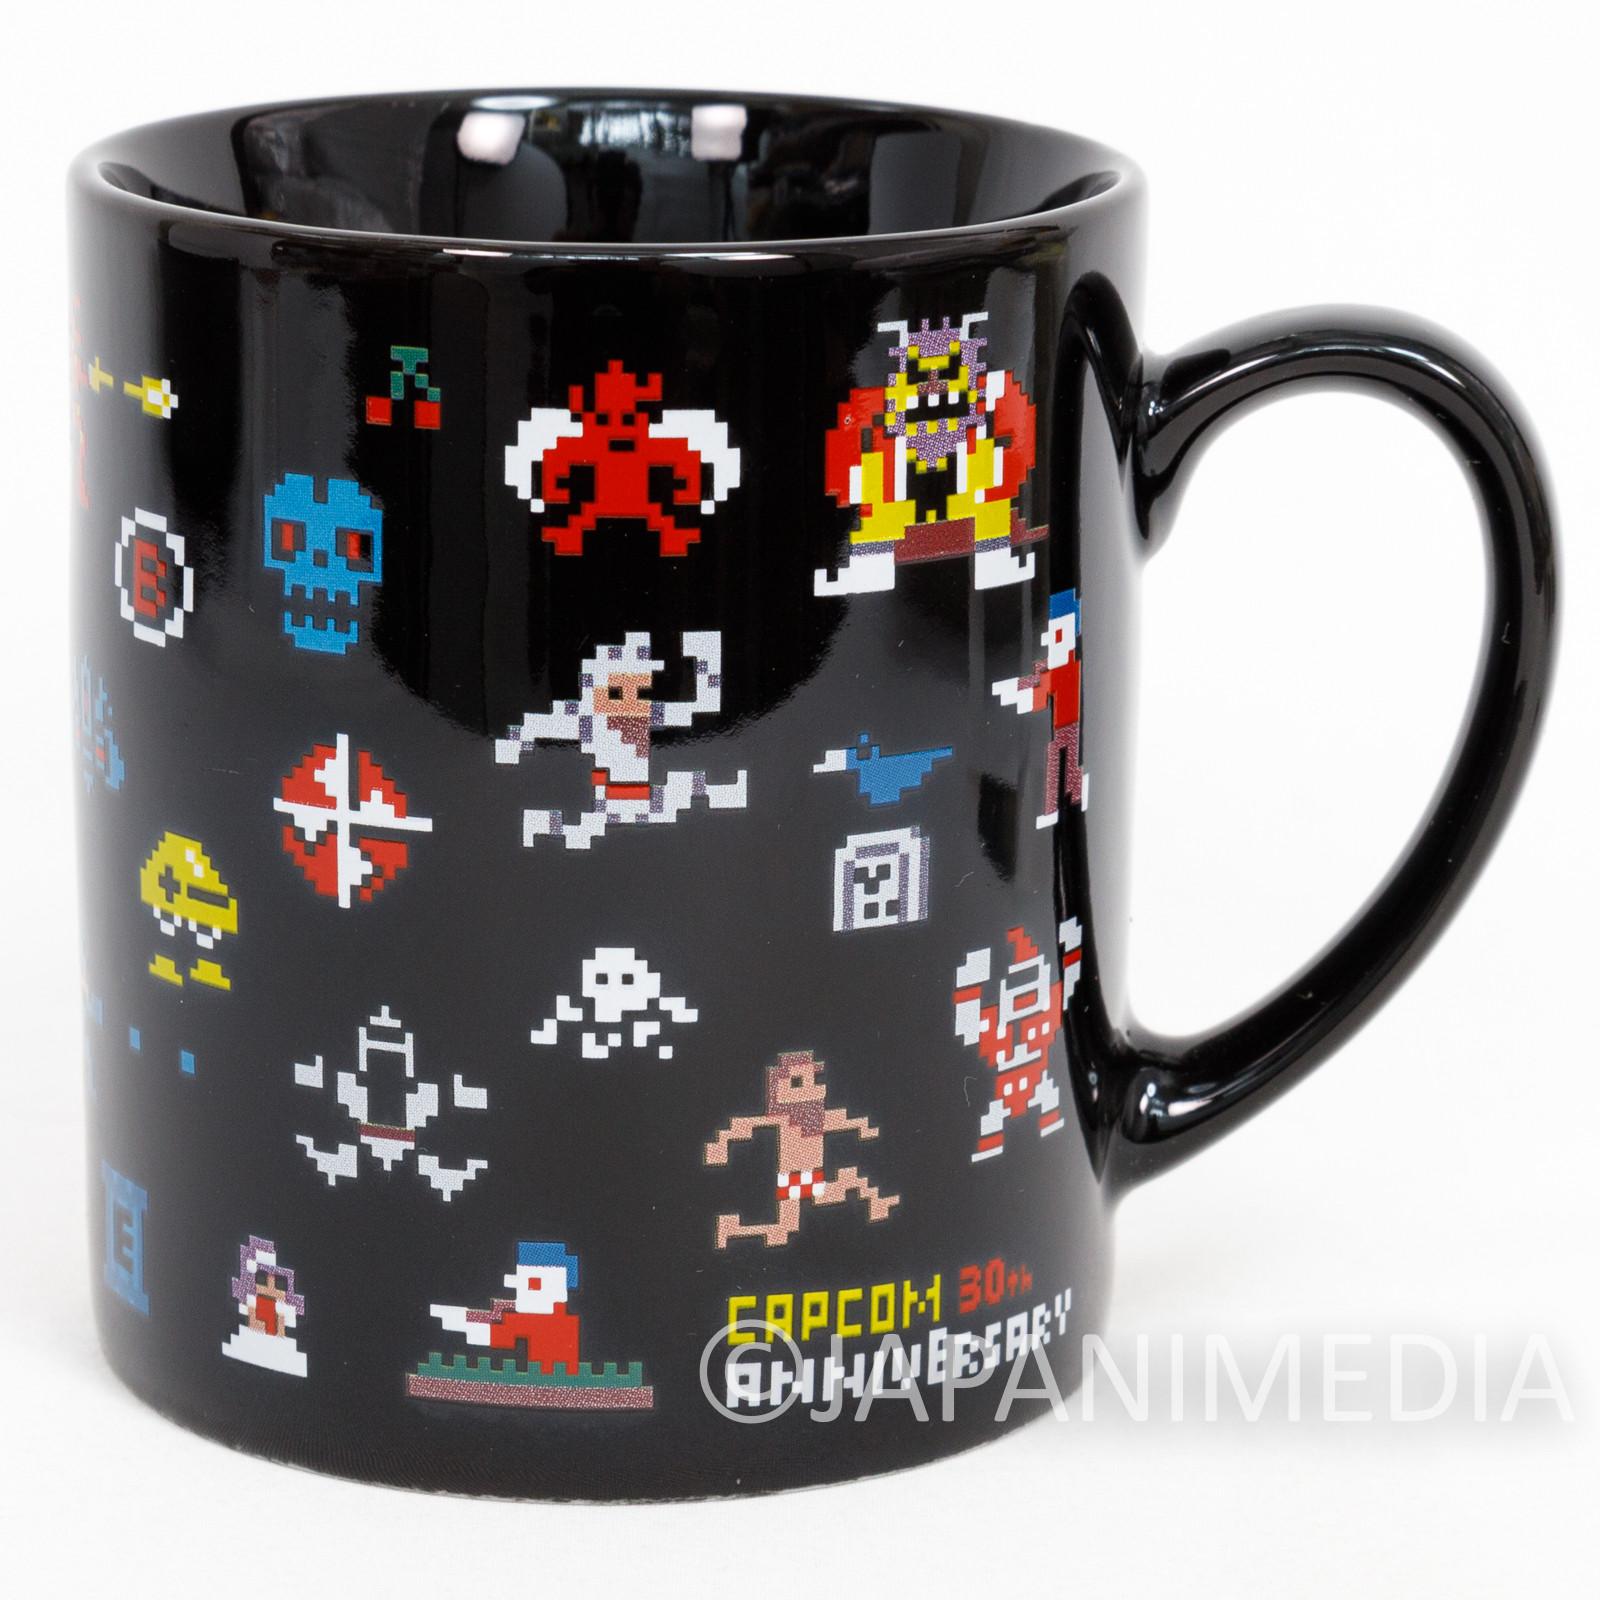 Capcom Dot Character Design Mug / Mega Man Ghosts'n Goblins 1942 Final Fight